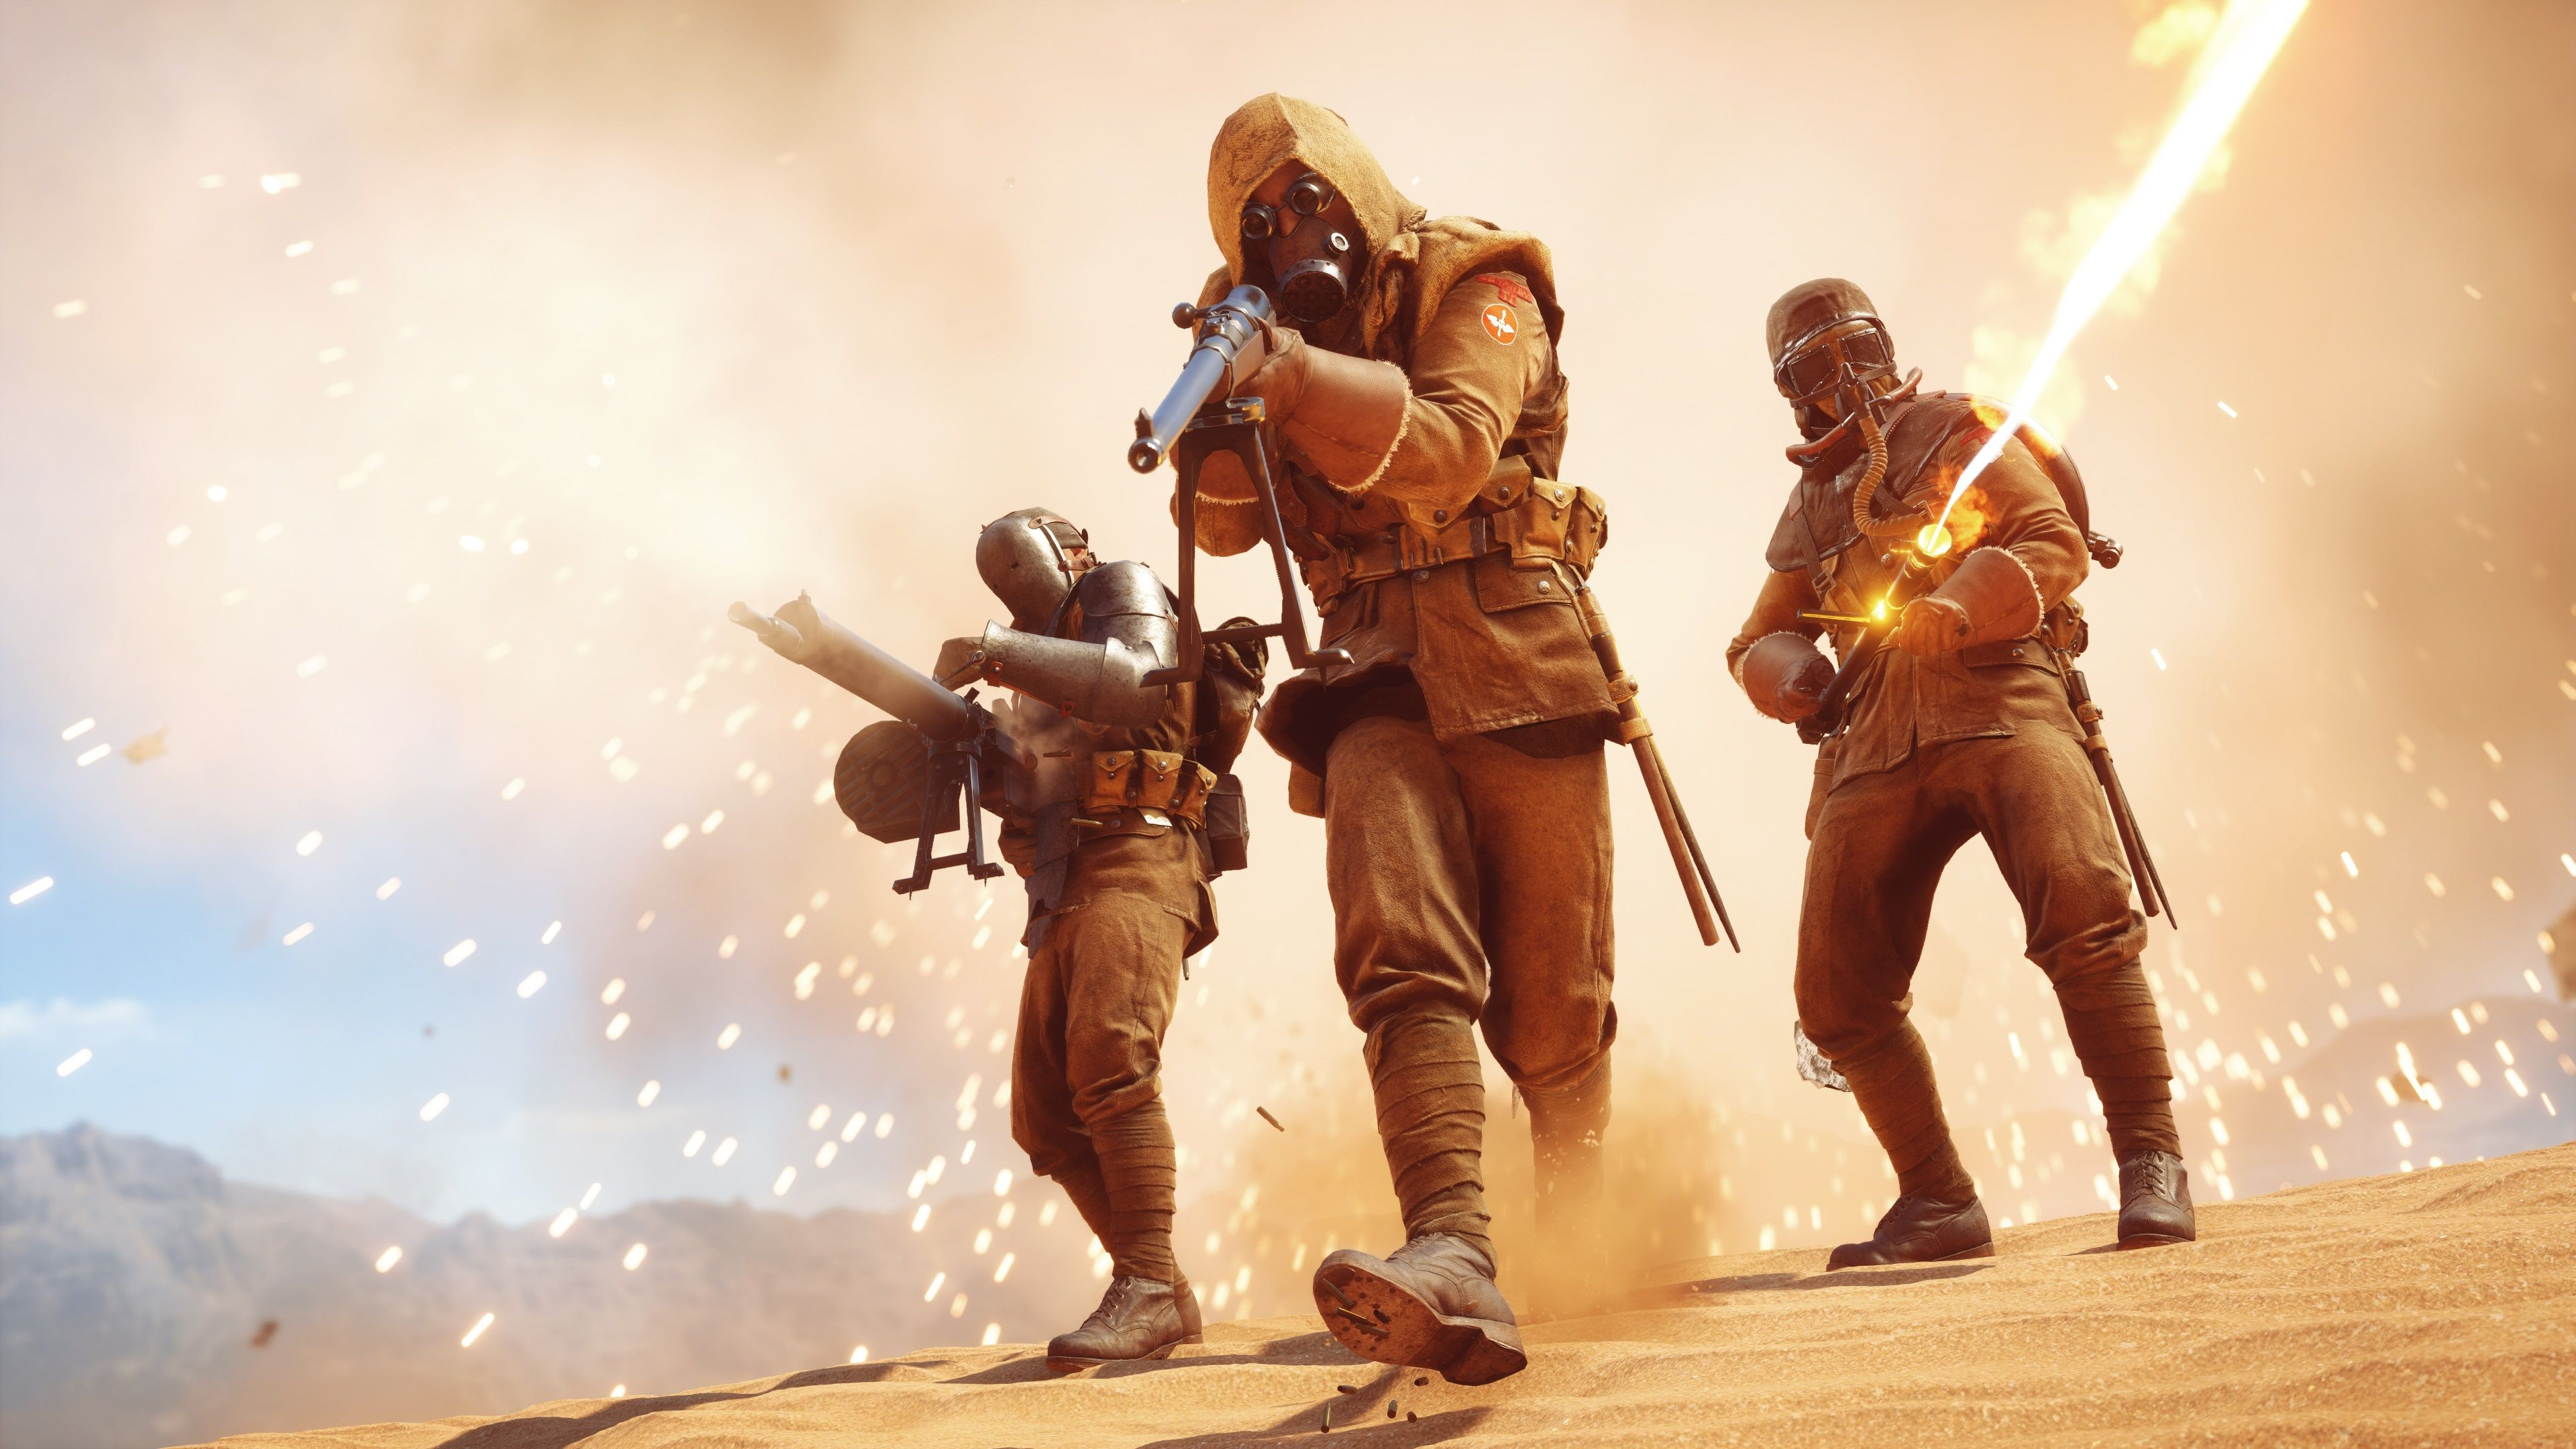 3840x2160 Battlefield 1 4k Wallpaper Ultra Hd Battlefield 1 Battlefield Heroes Of The Storm